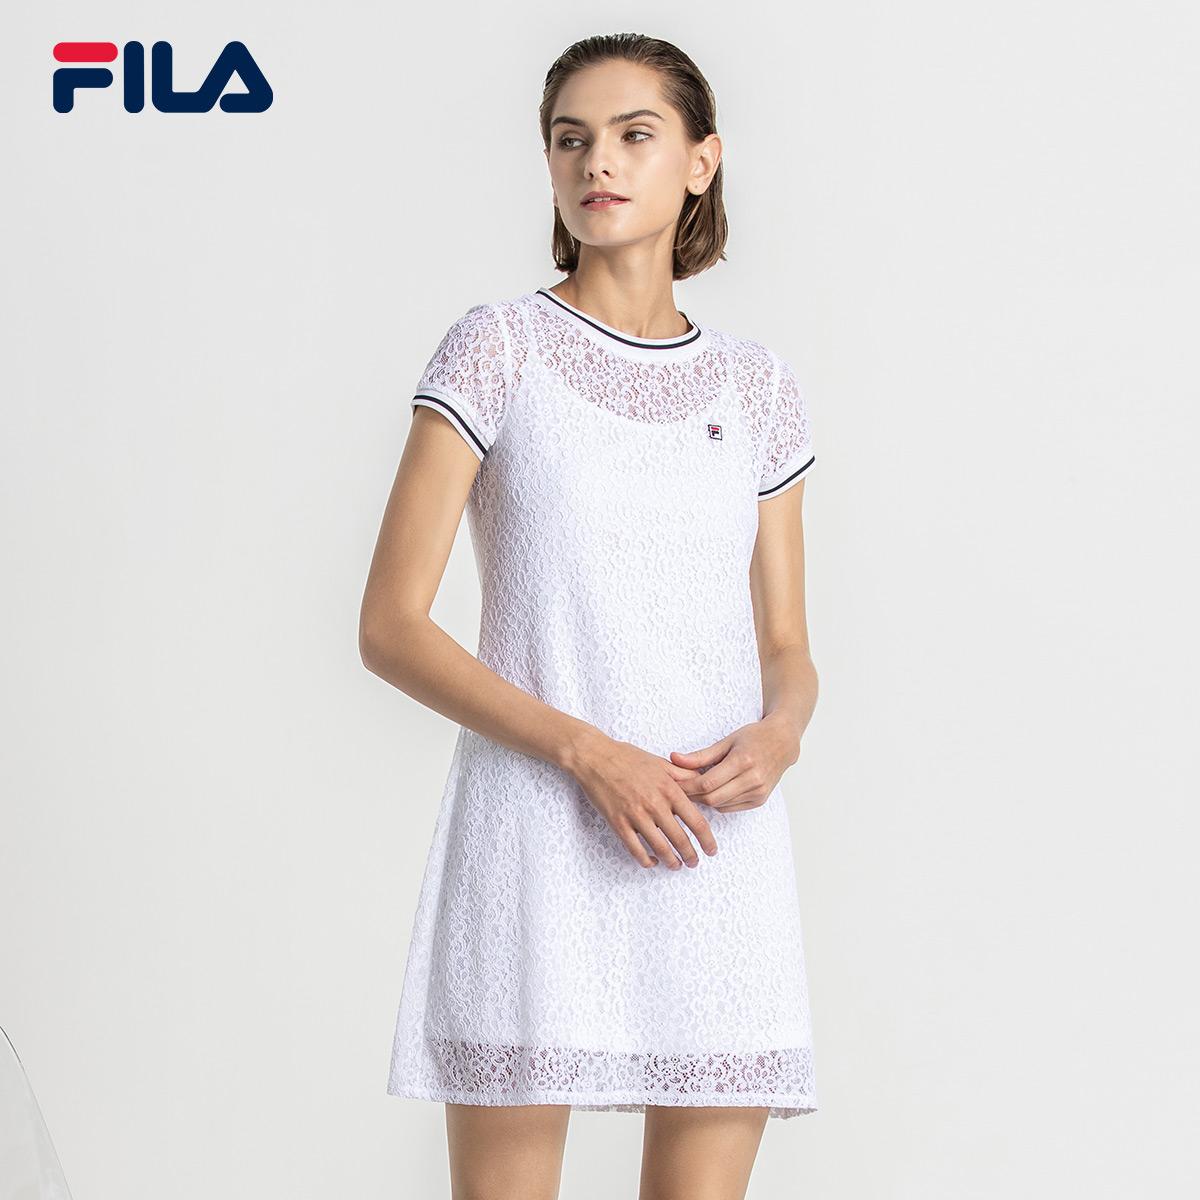 FILA斐乐女连衣裙2018秋季新品运动时尚优雅透气舒适连衣裙女上衣